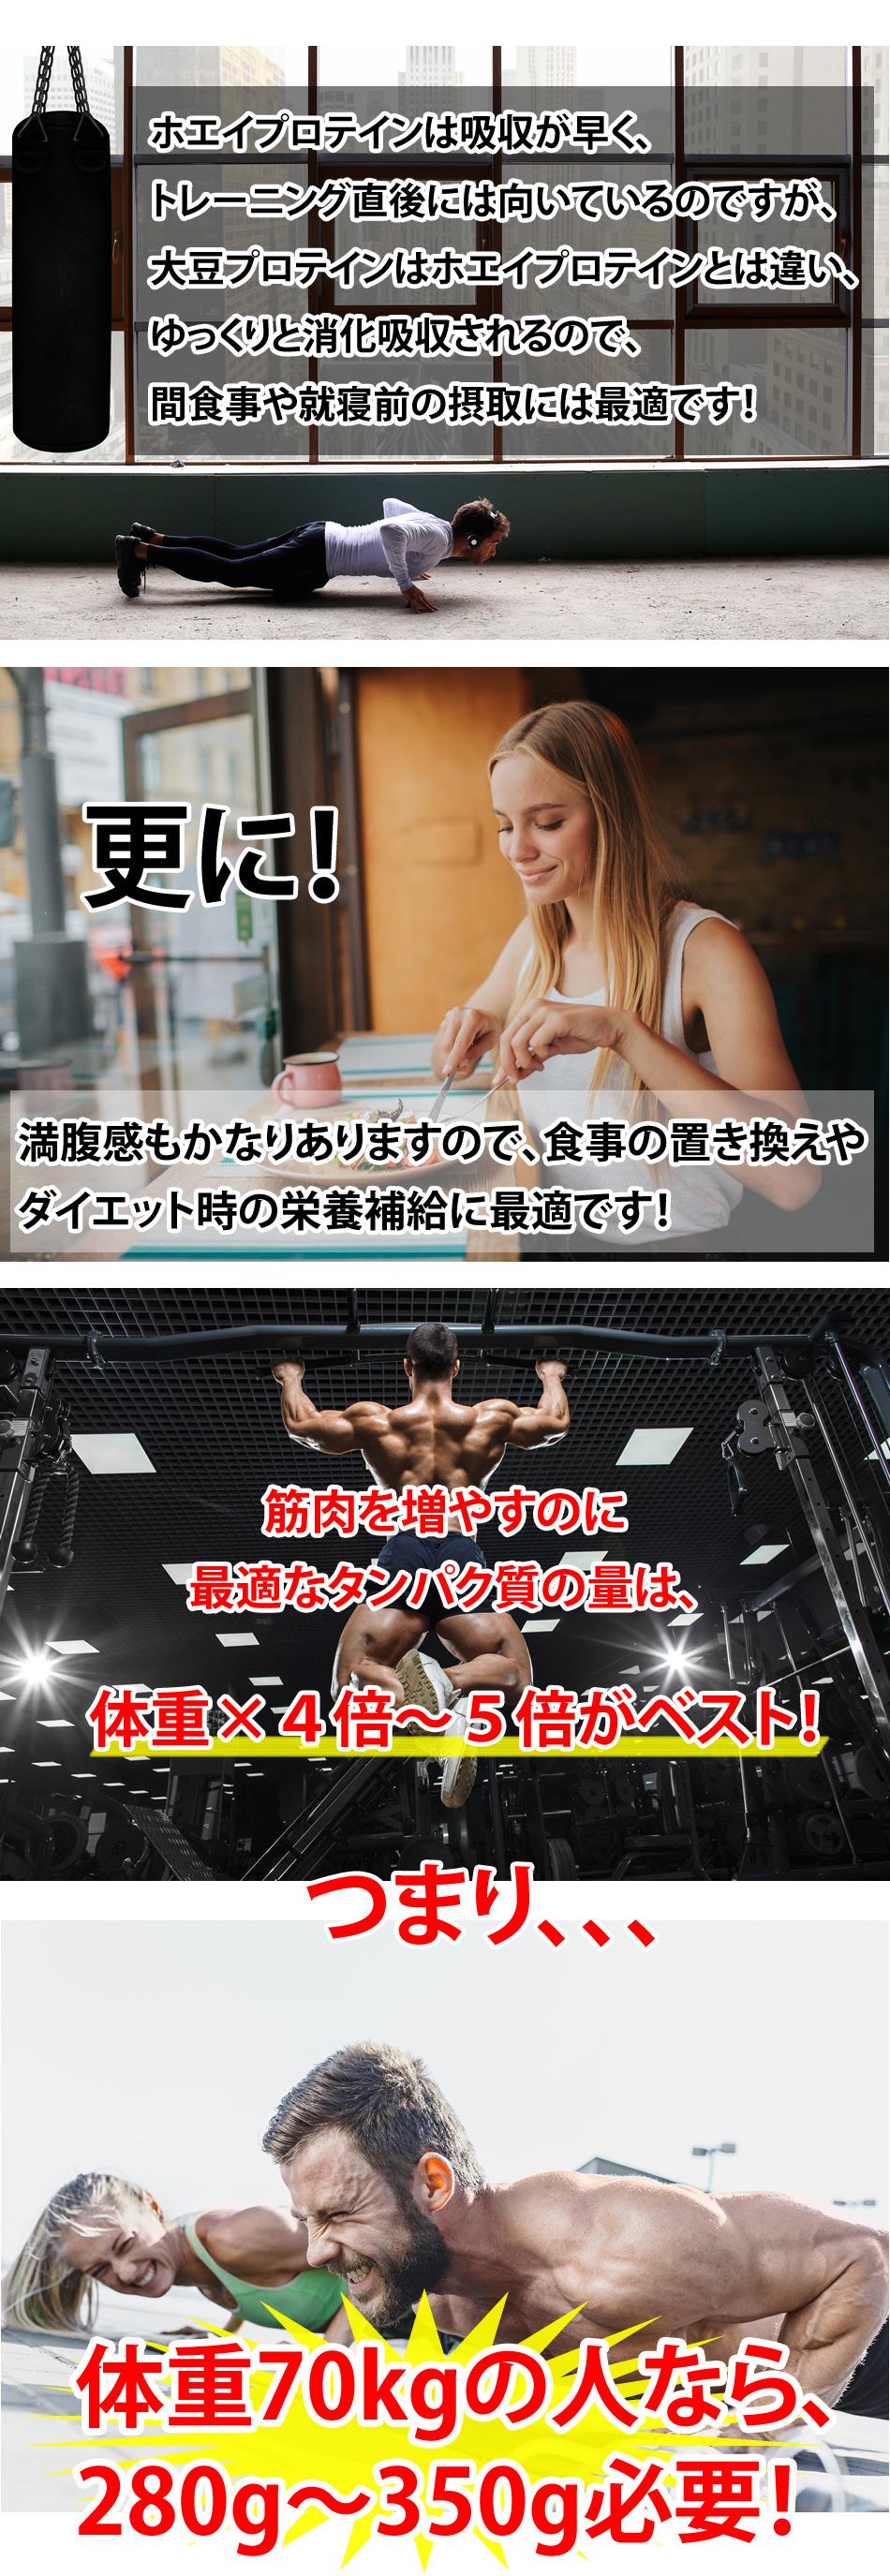 ピュア・ソイプロテイン10kg_3